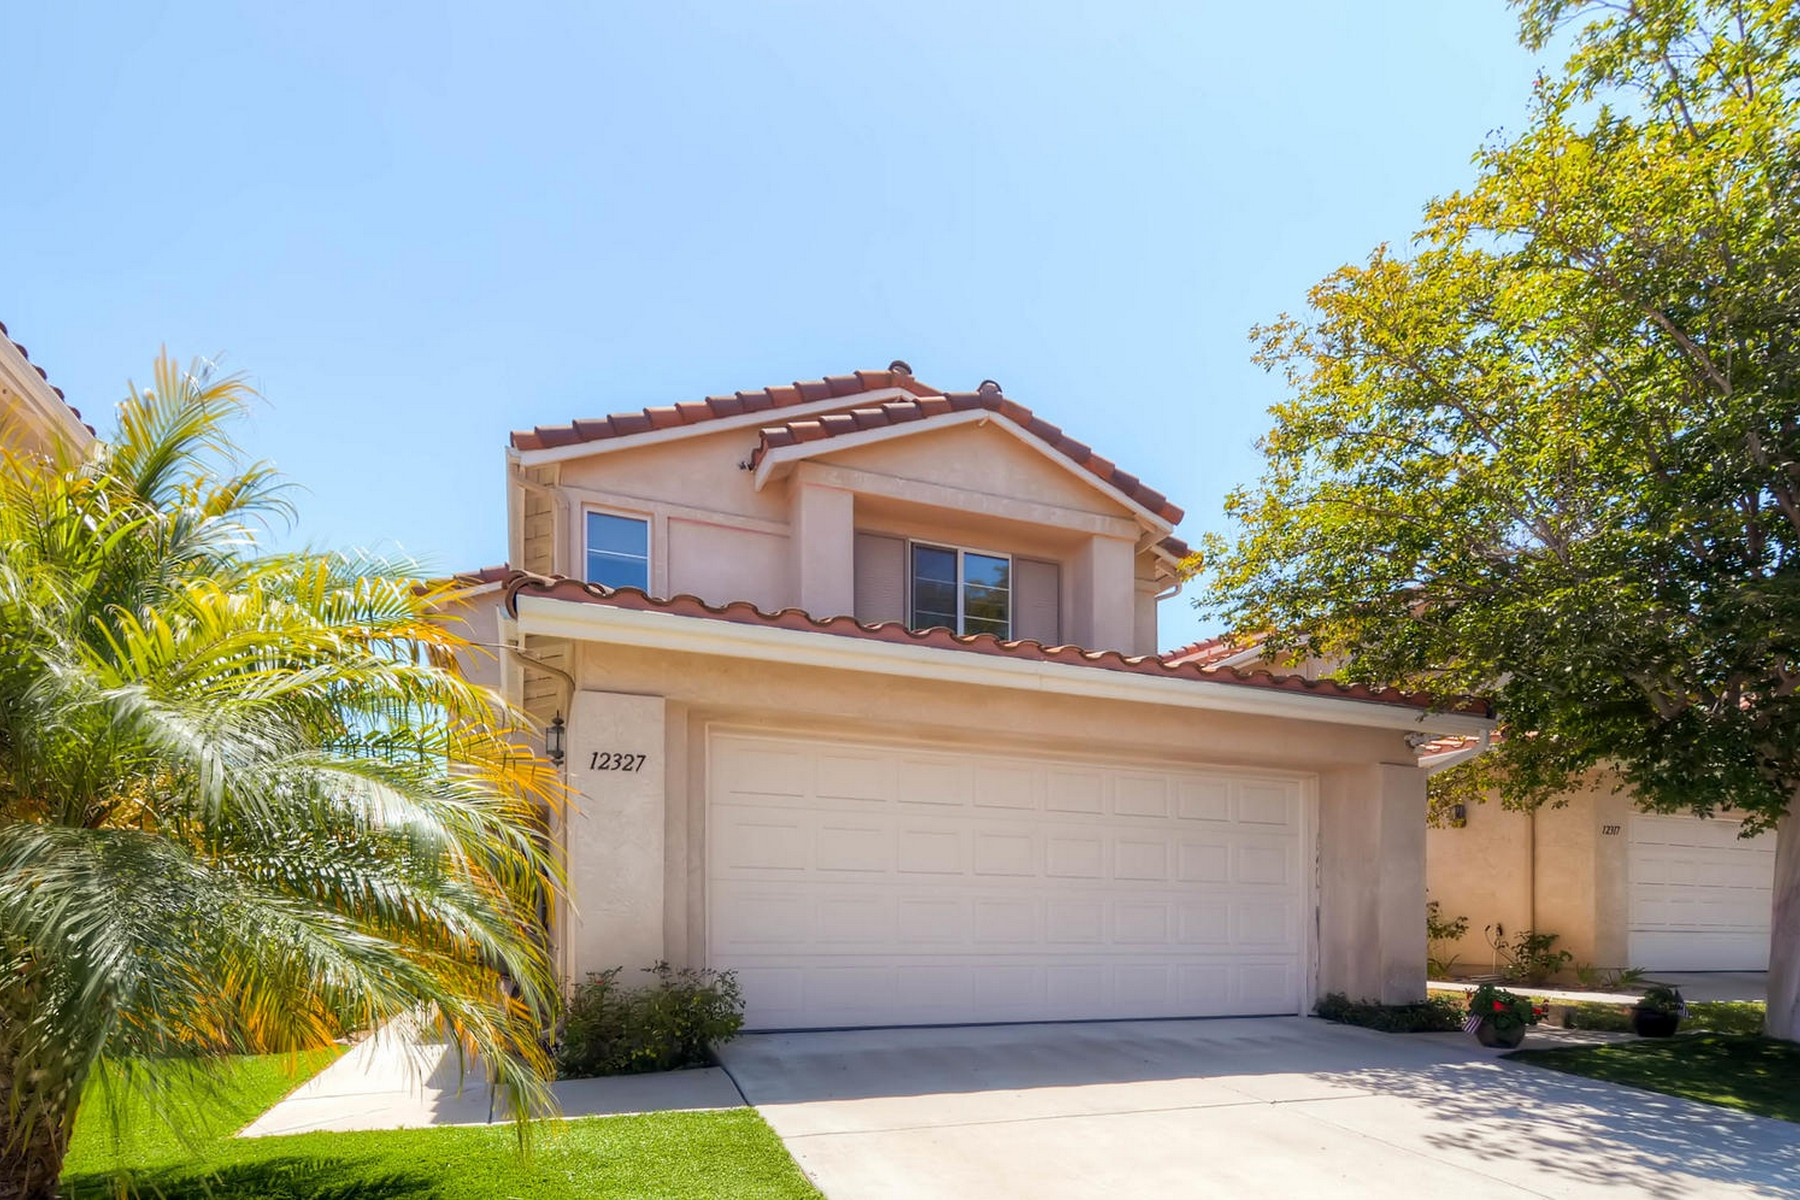 Vivienda unifamiliar por un Venta en 12327 Caminito Peral San Diego, California, 92131 Estados Unidos